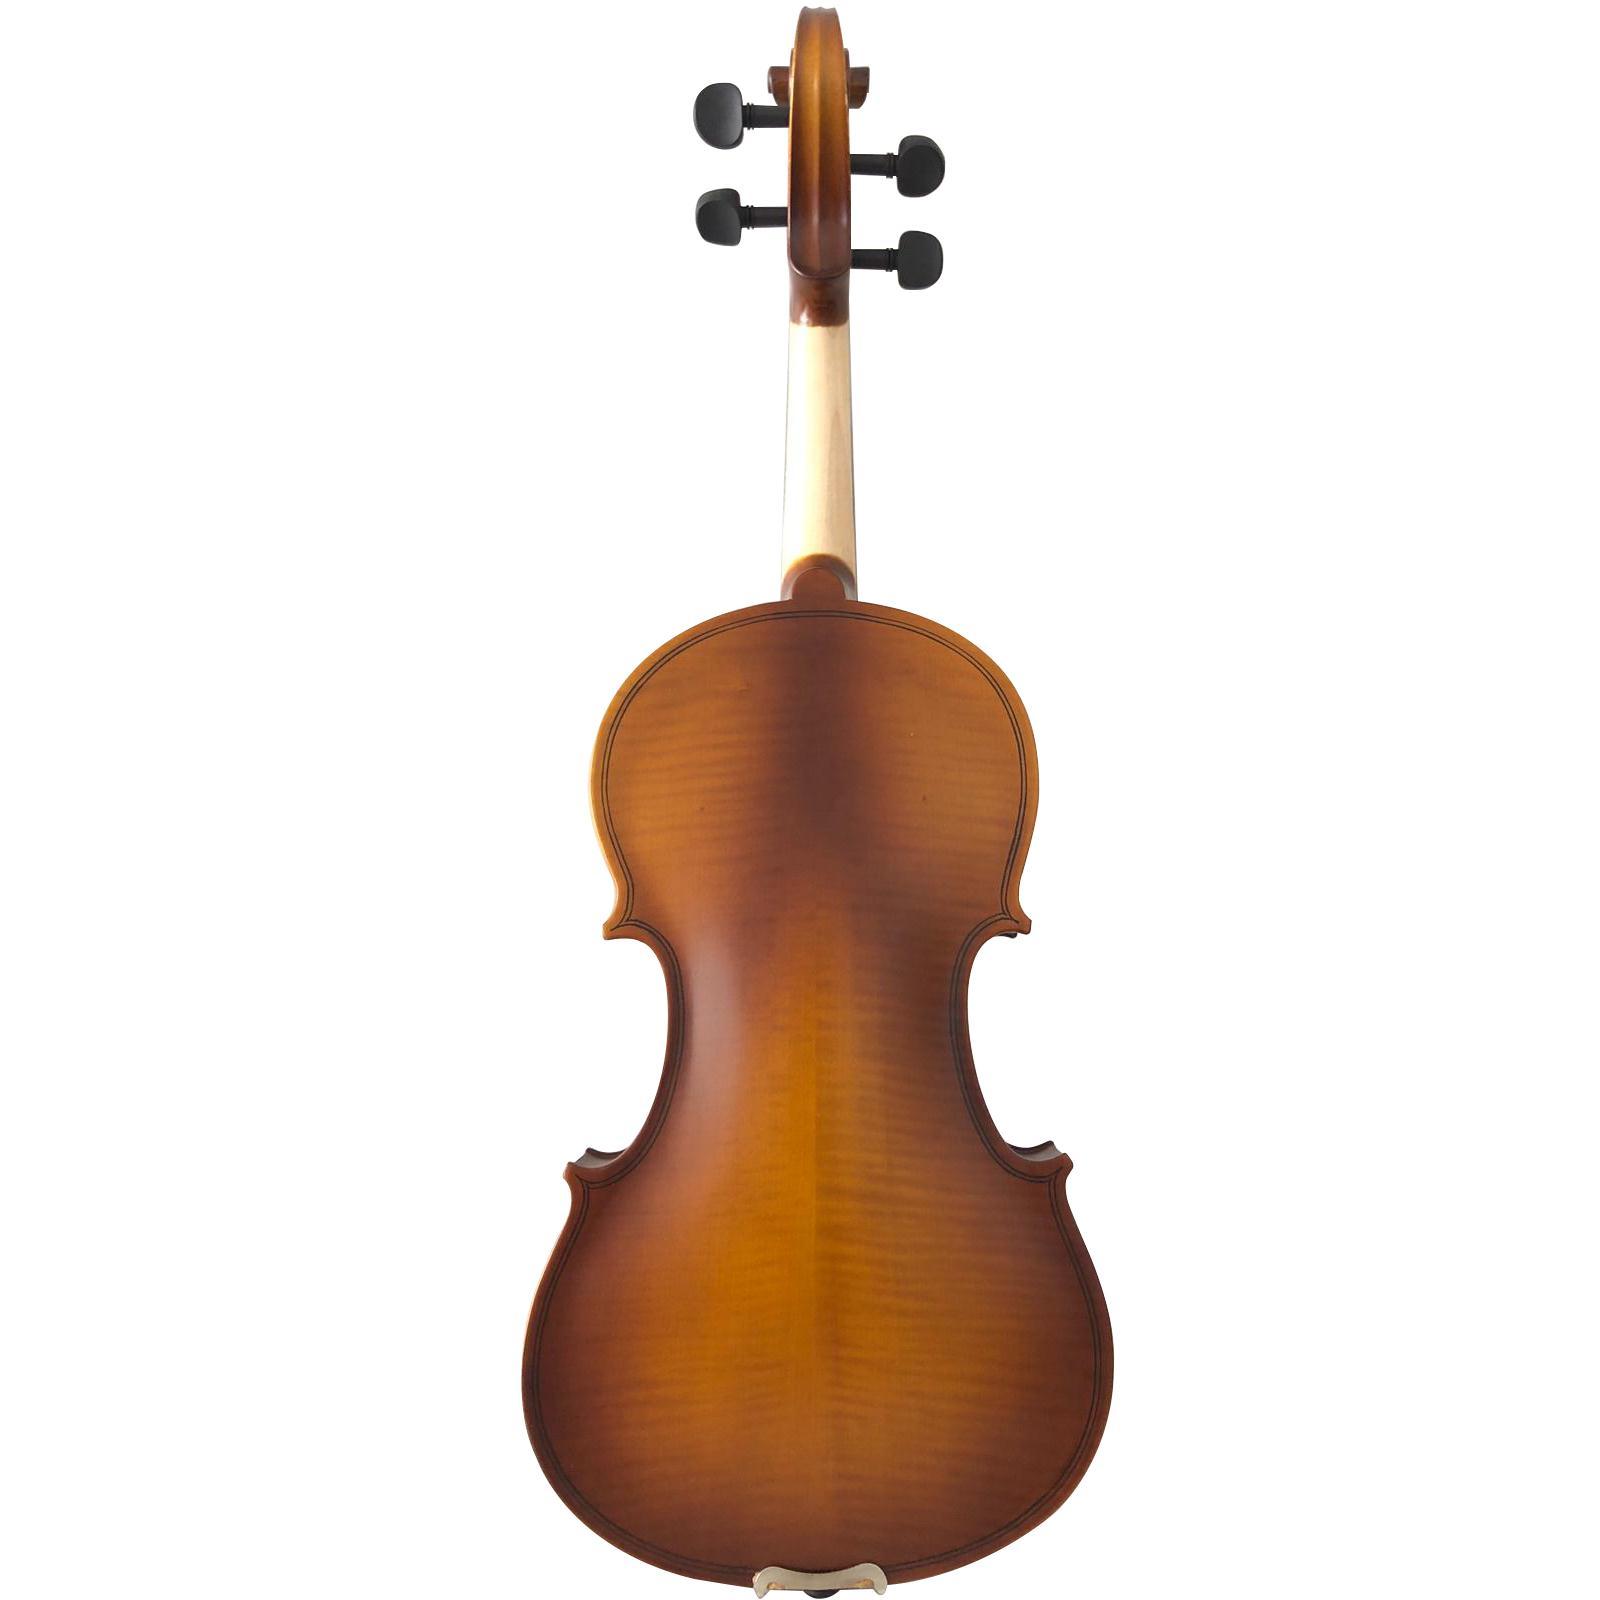 Vignoli Violino 4/4 VIG F44 (Com Arco/Estojo/Breu)